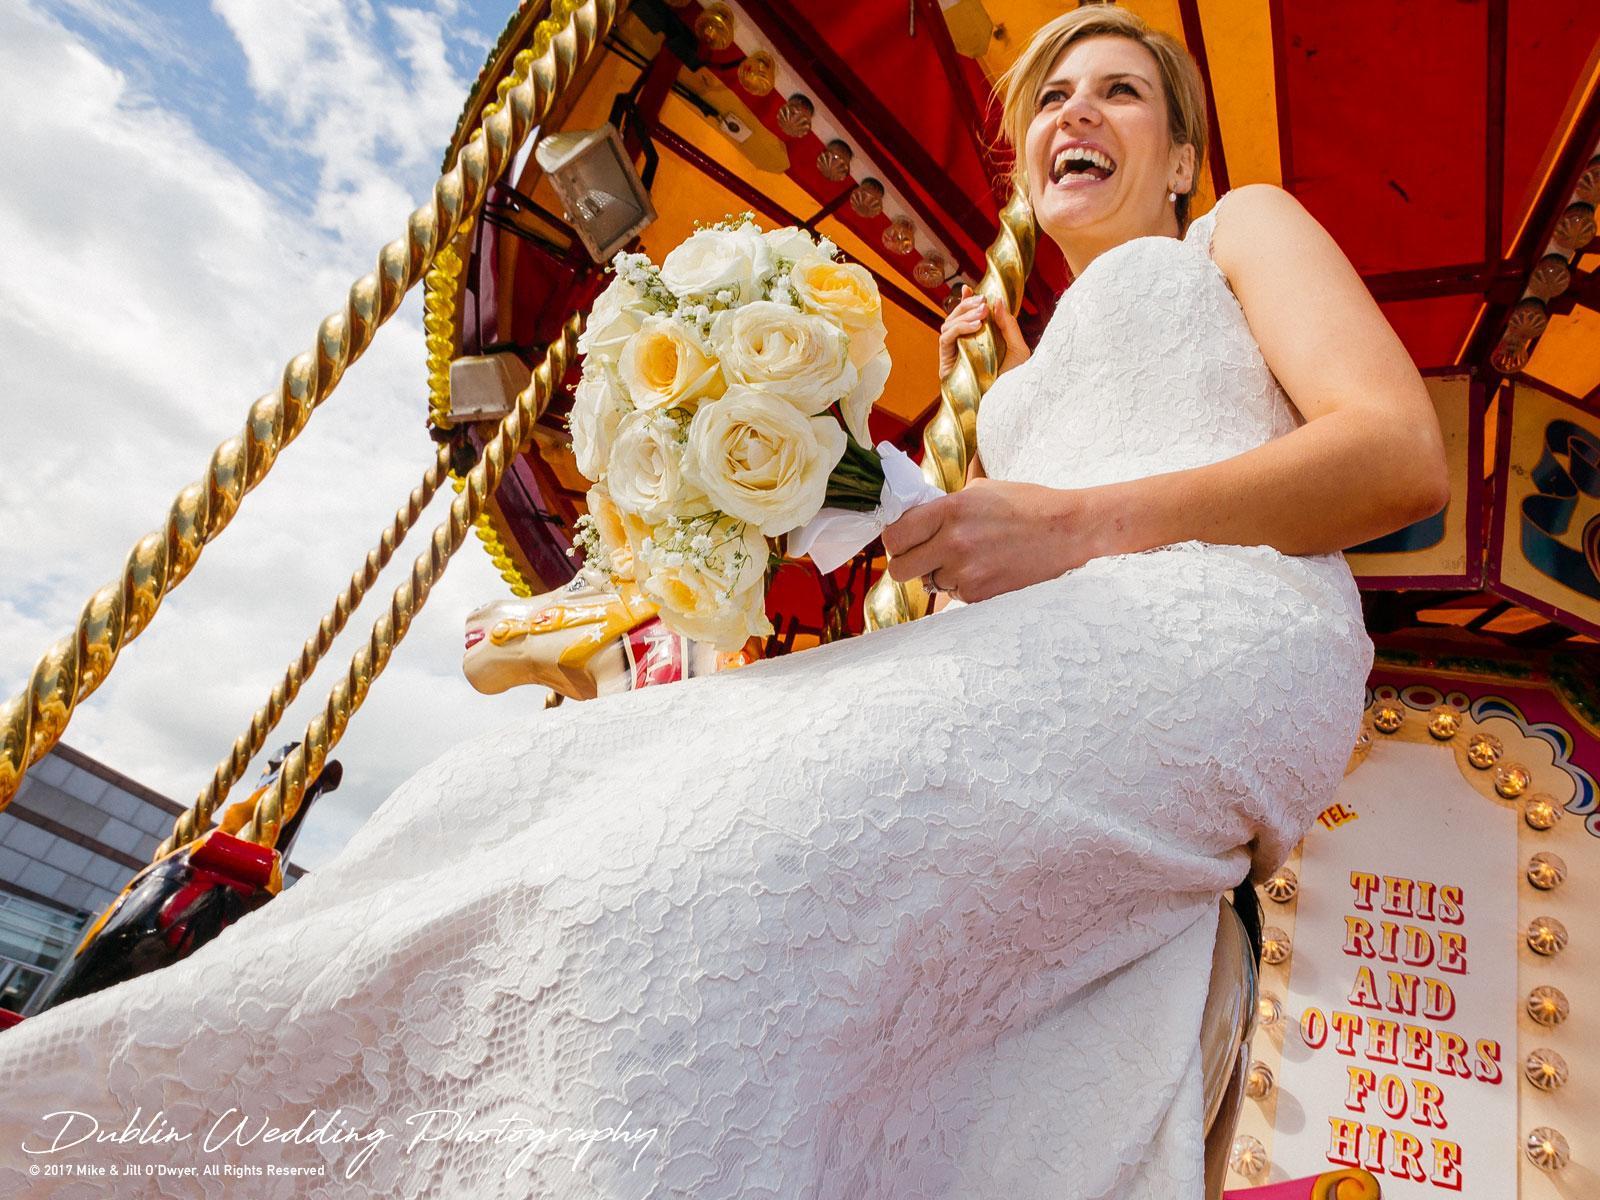 Dublin Wedding Photographer City Streets 007